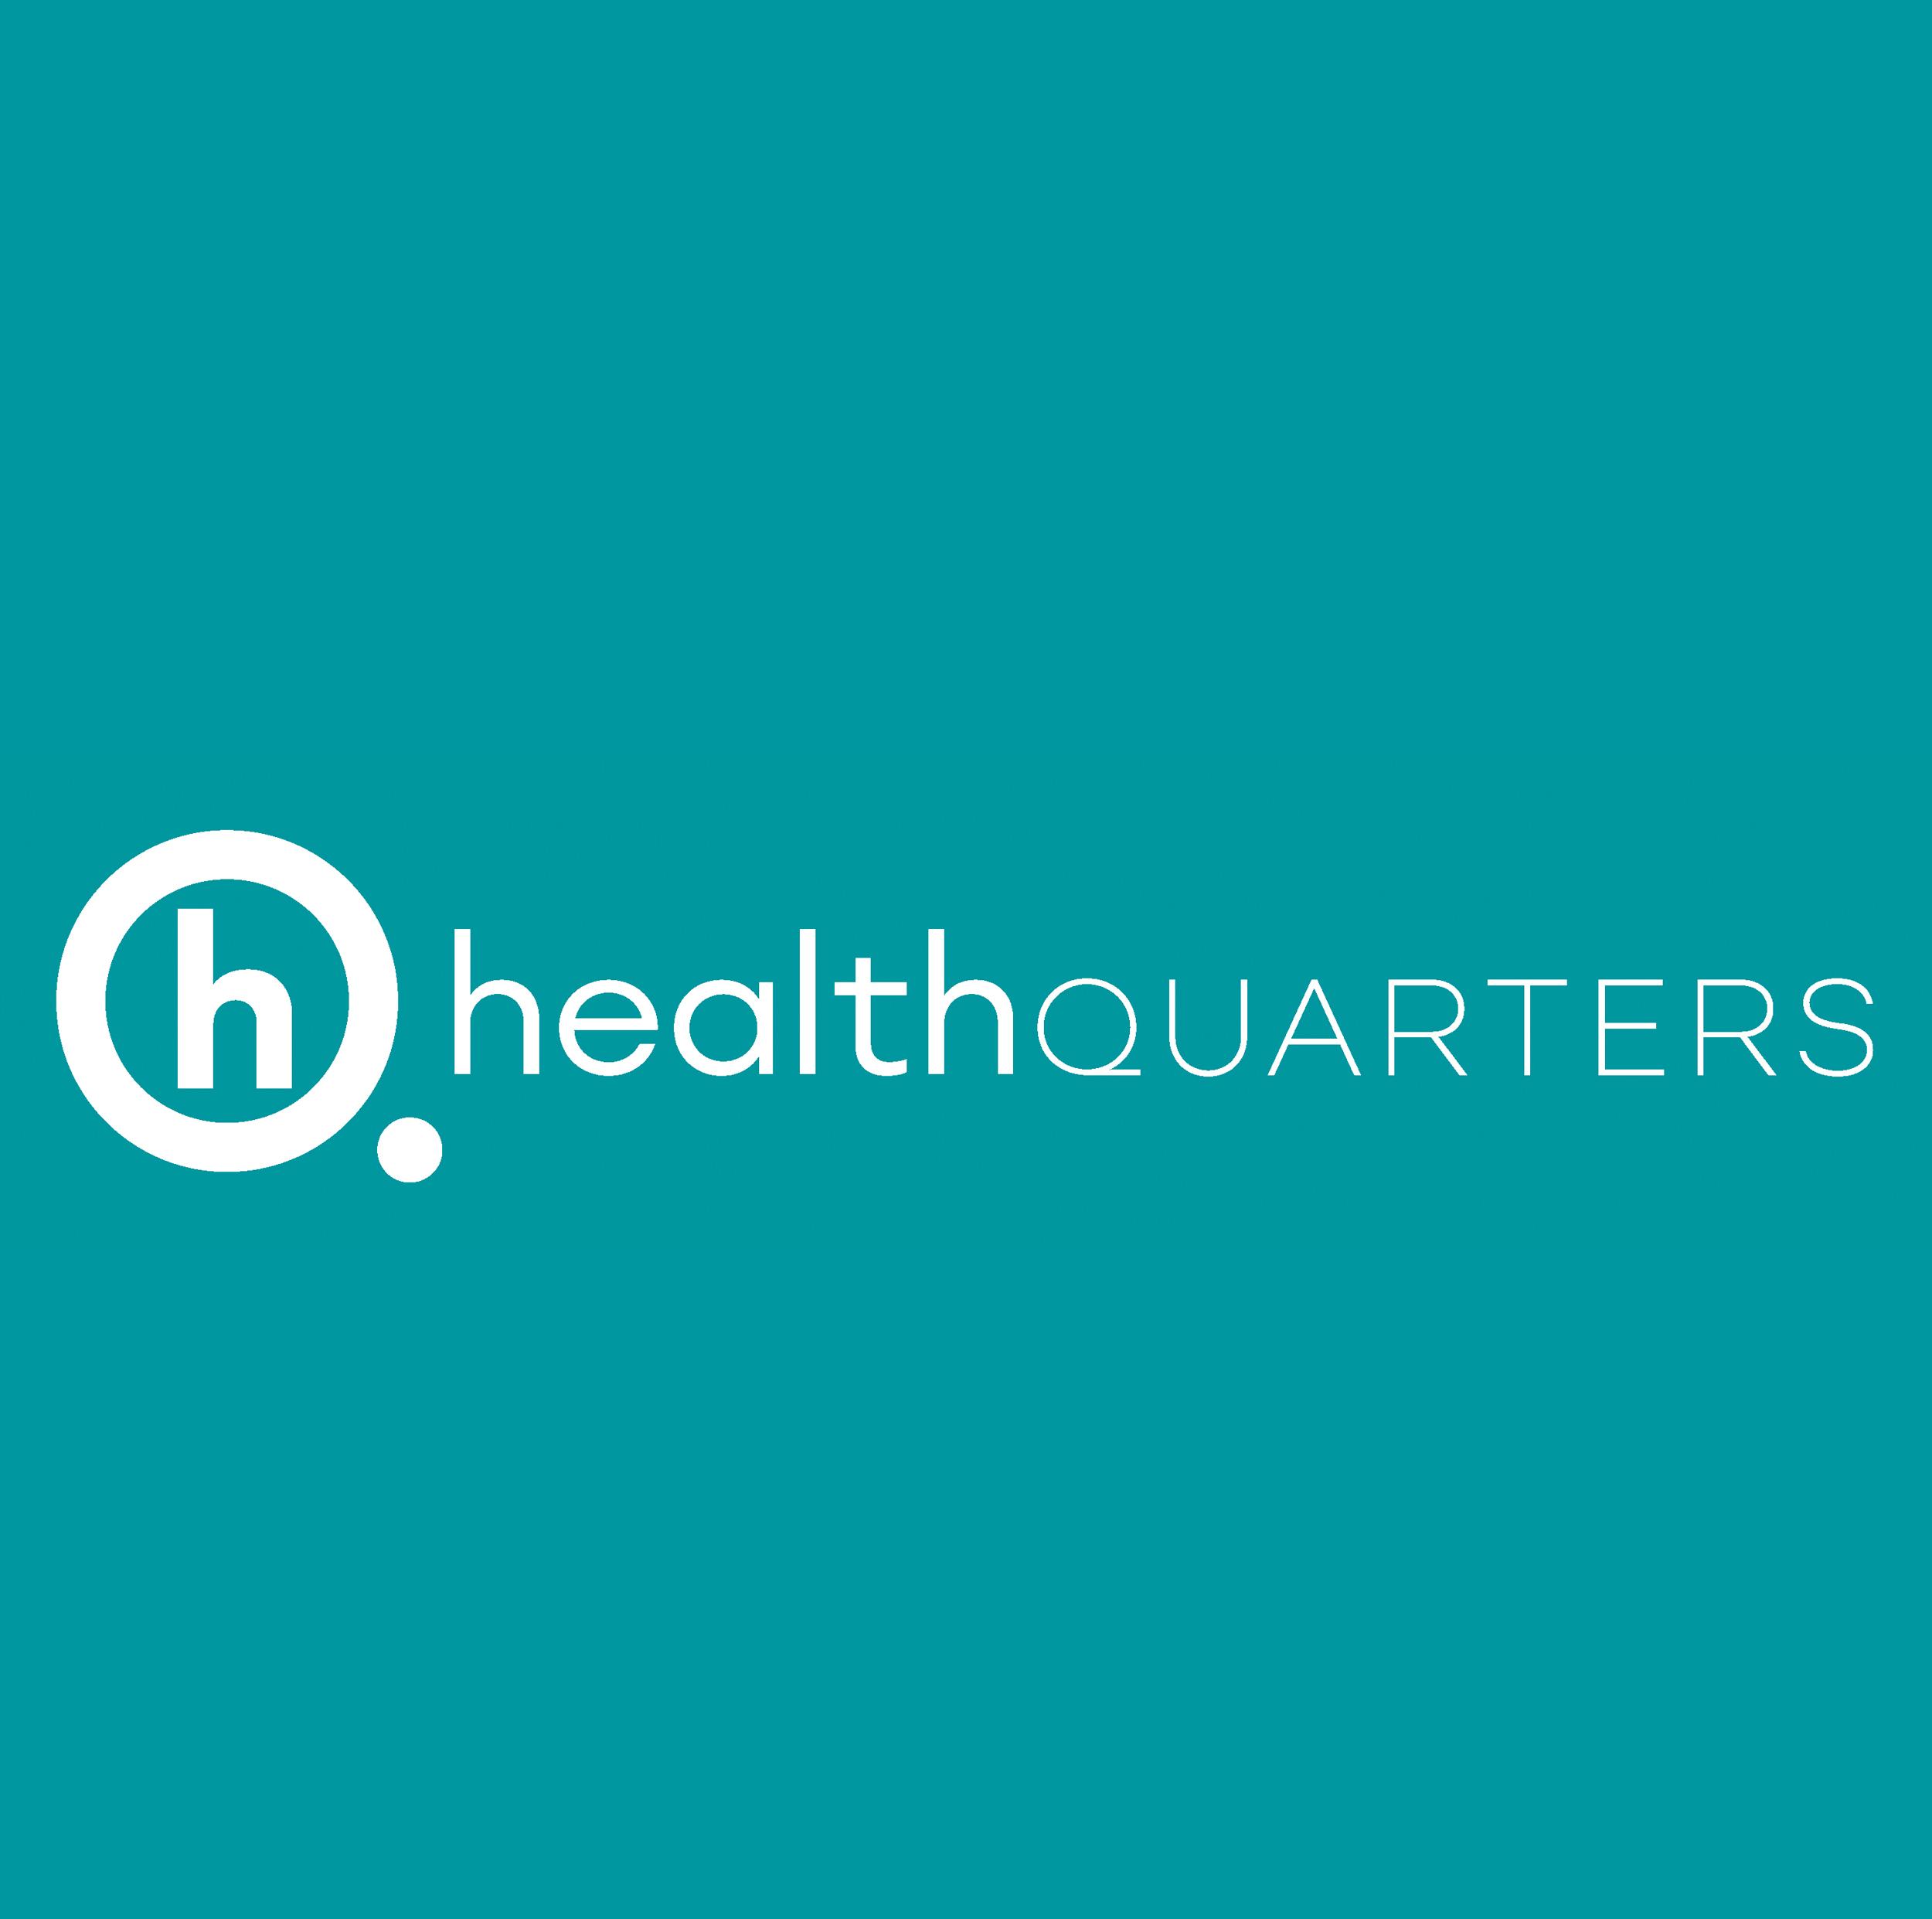 HEALTHQUARTERS GYM